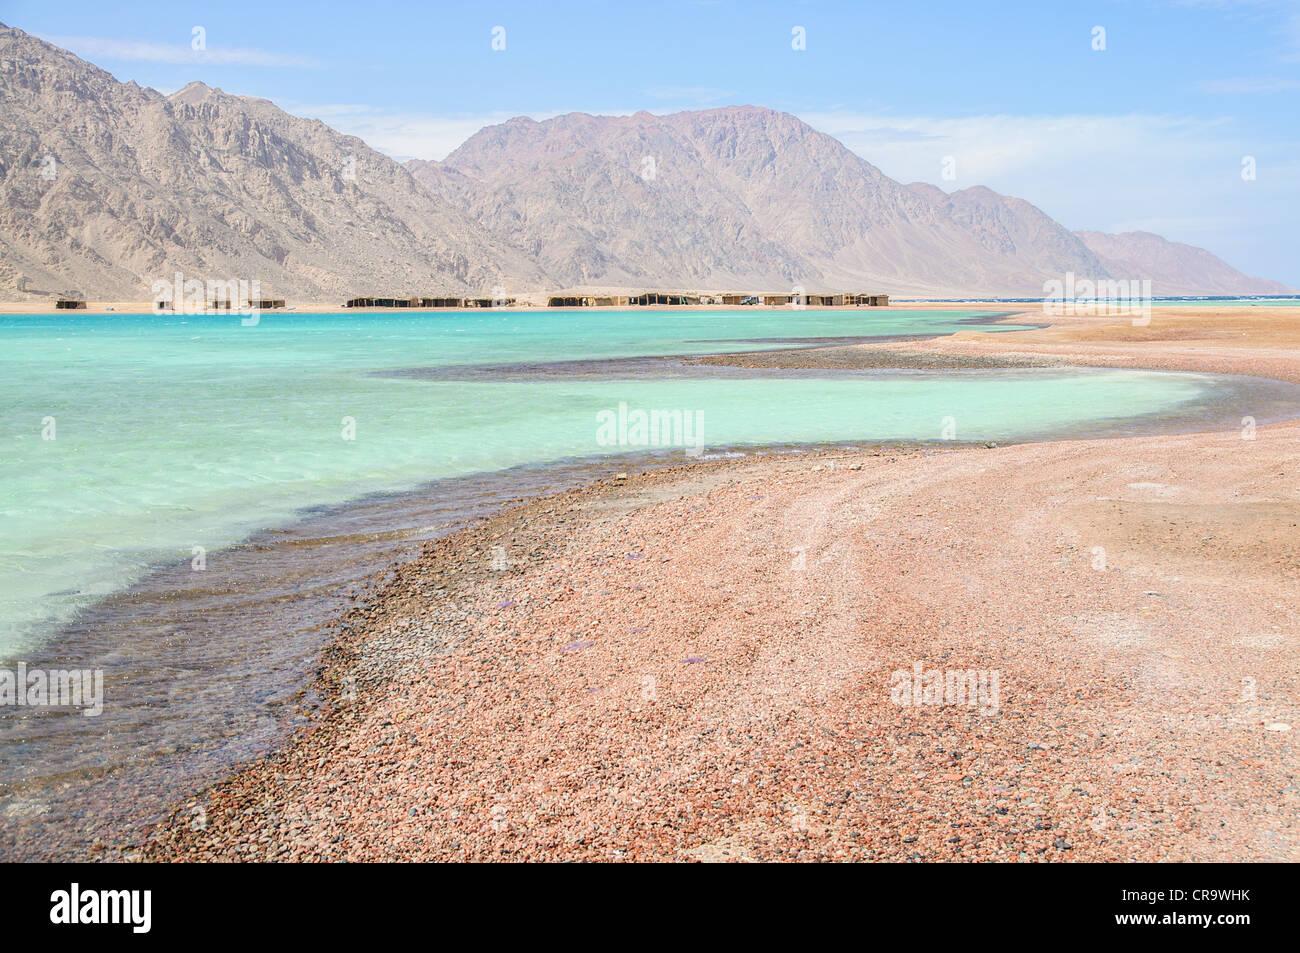 scenic lagoon in the Red Sea near Ras Abu Galum - Stock Image